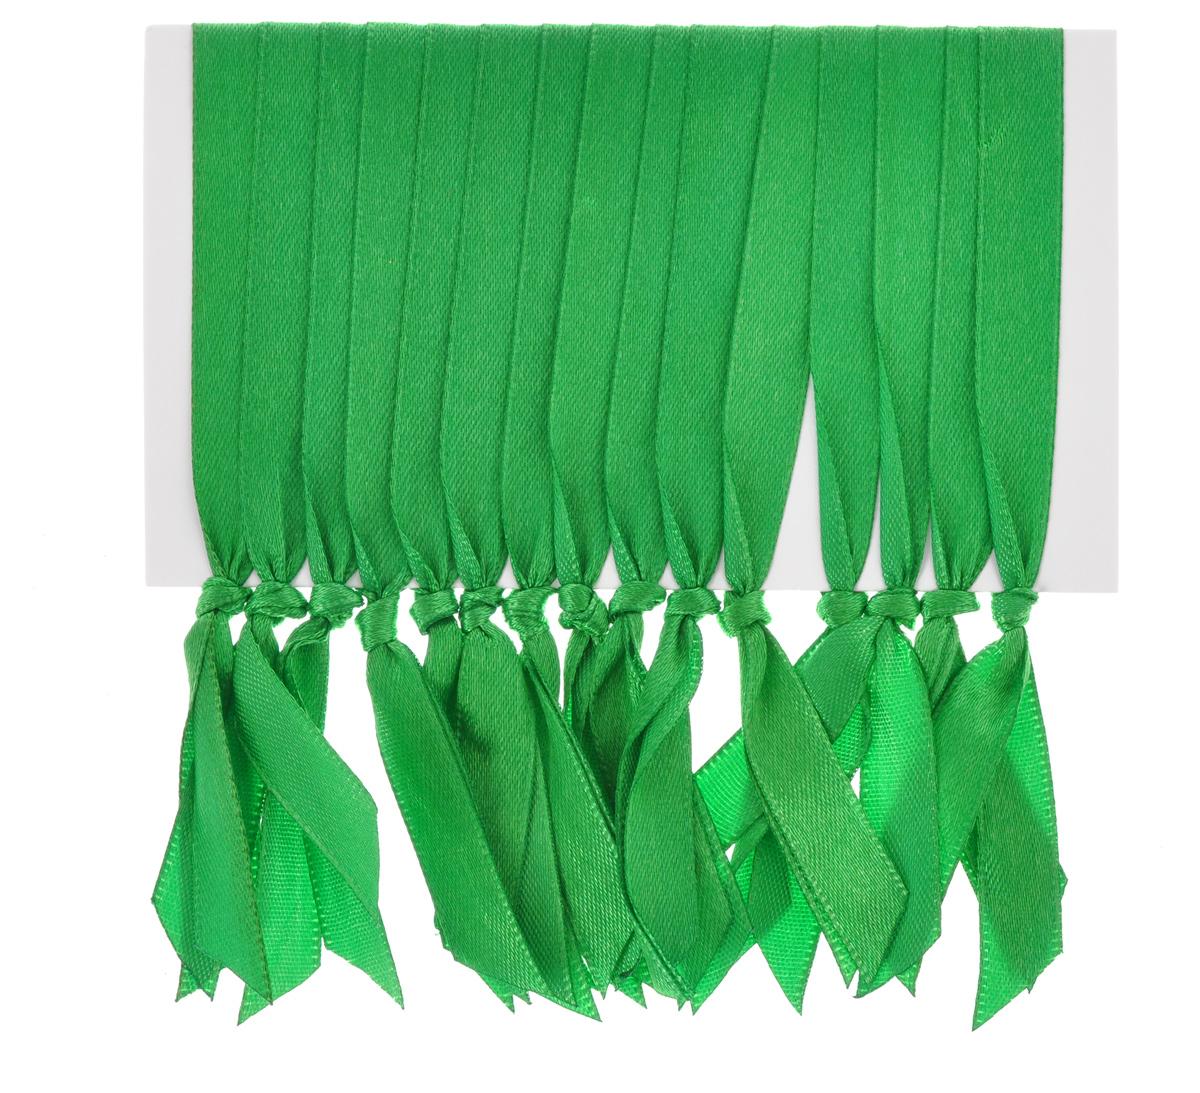 Набор лент Lunten Ranta для елочных украшений, цвет: зеленый, длина 32 см, 15 шт67800_2Набор Lunten Ranta, изготовленный из полиэстера, состоит из 15 лент. Изделия предназначены для крепления елочных игрушек. Ленты помогут надежно подвесить ваши любимые украшения в любом месте. Ширина ленты: 0,8 см.